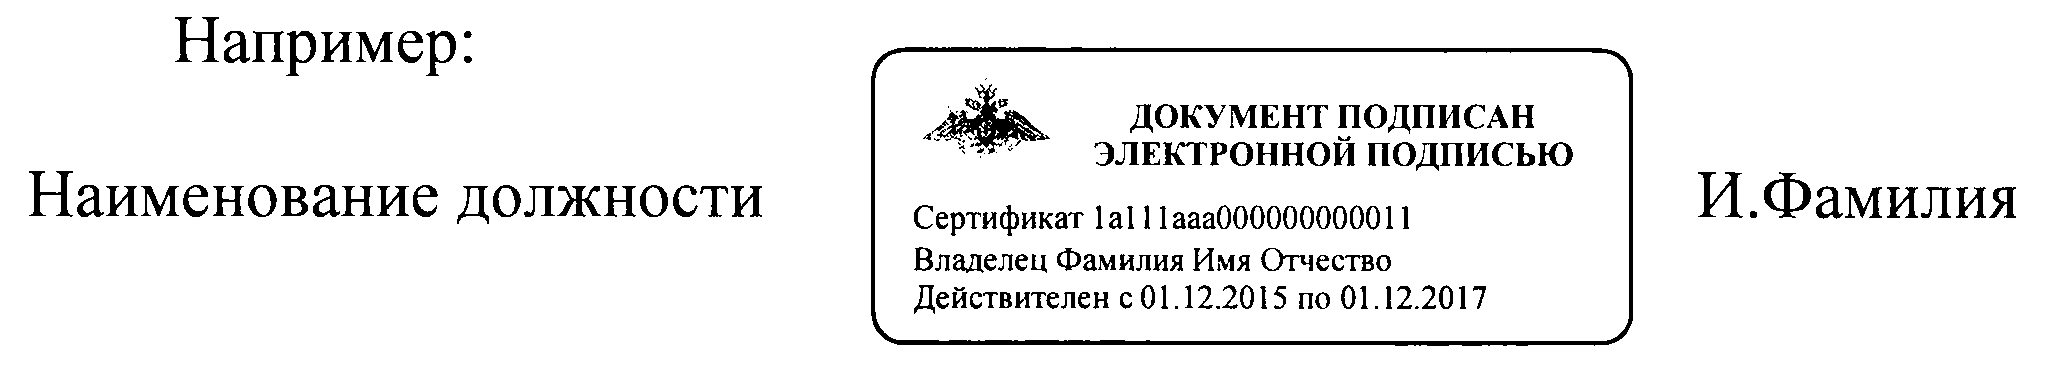 Пенсия по потере кормильца новосибирск